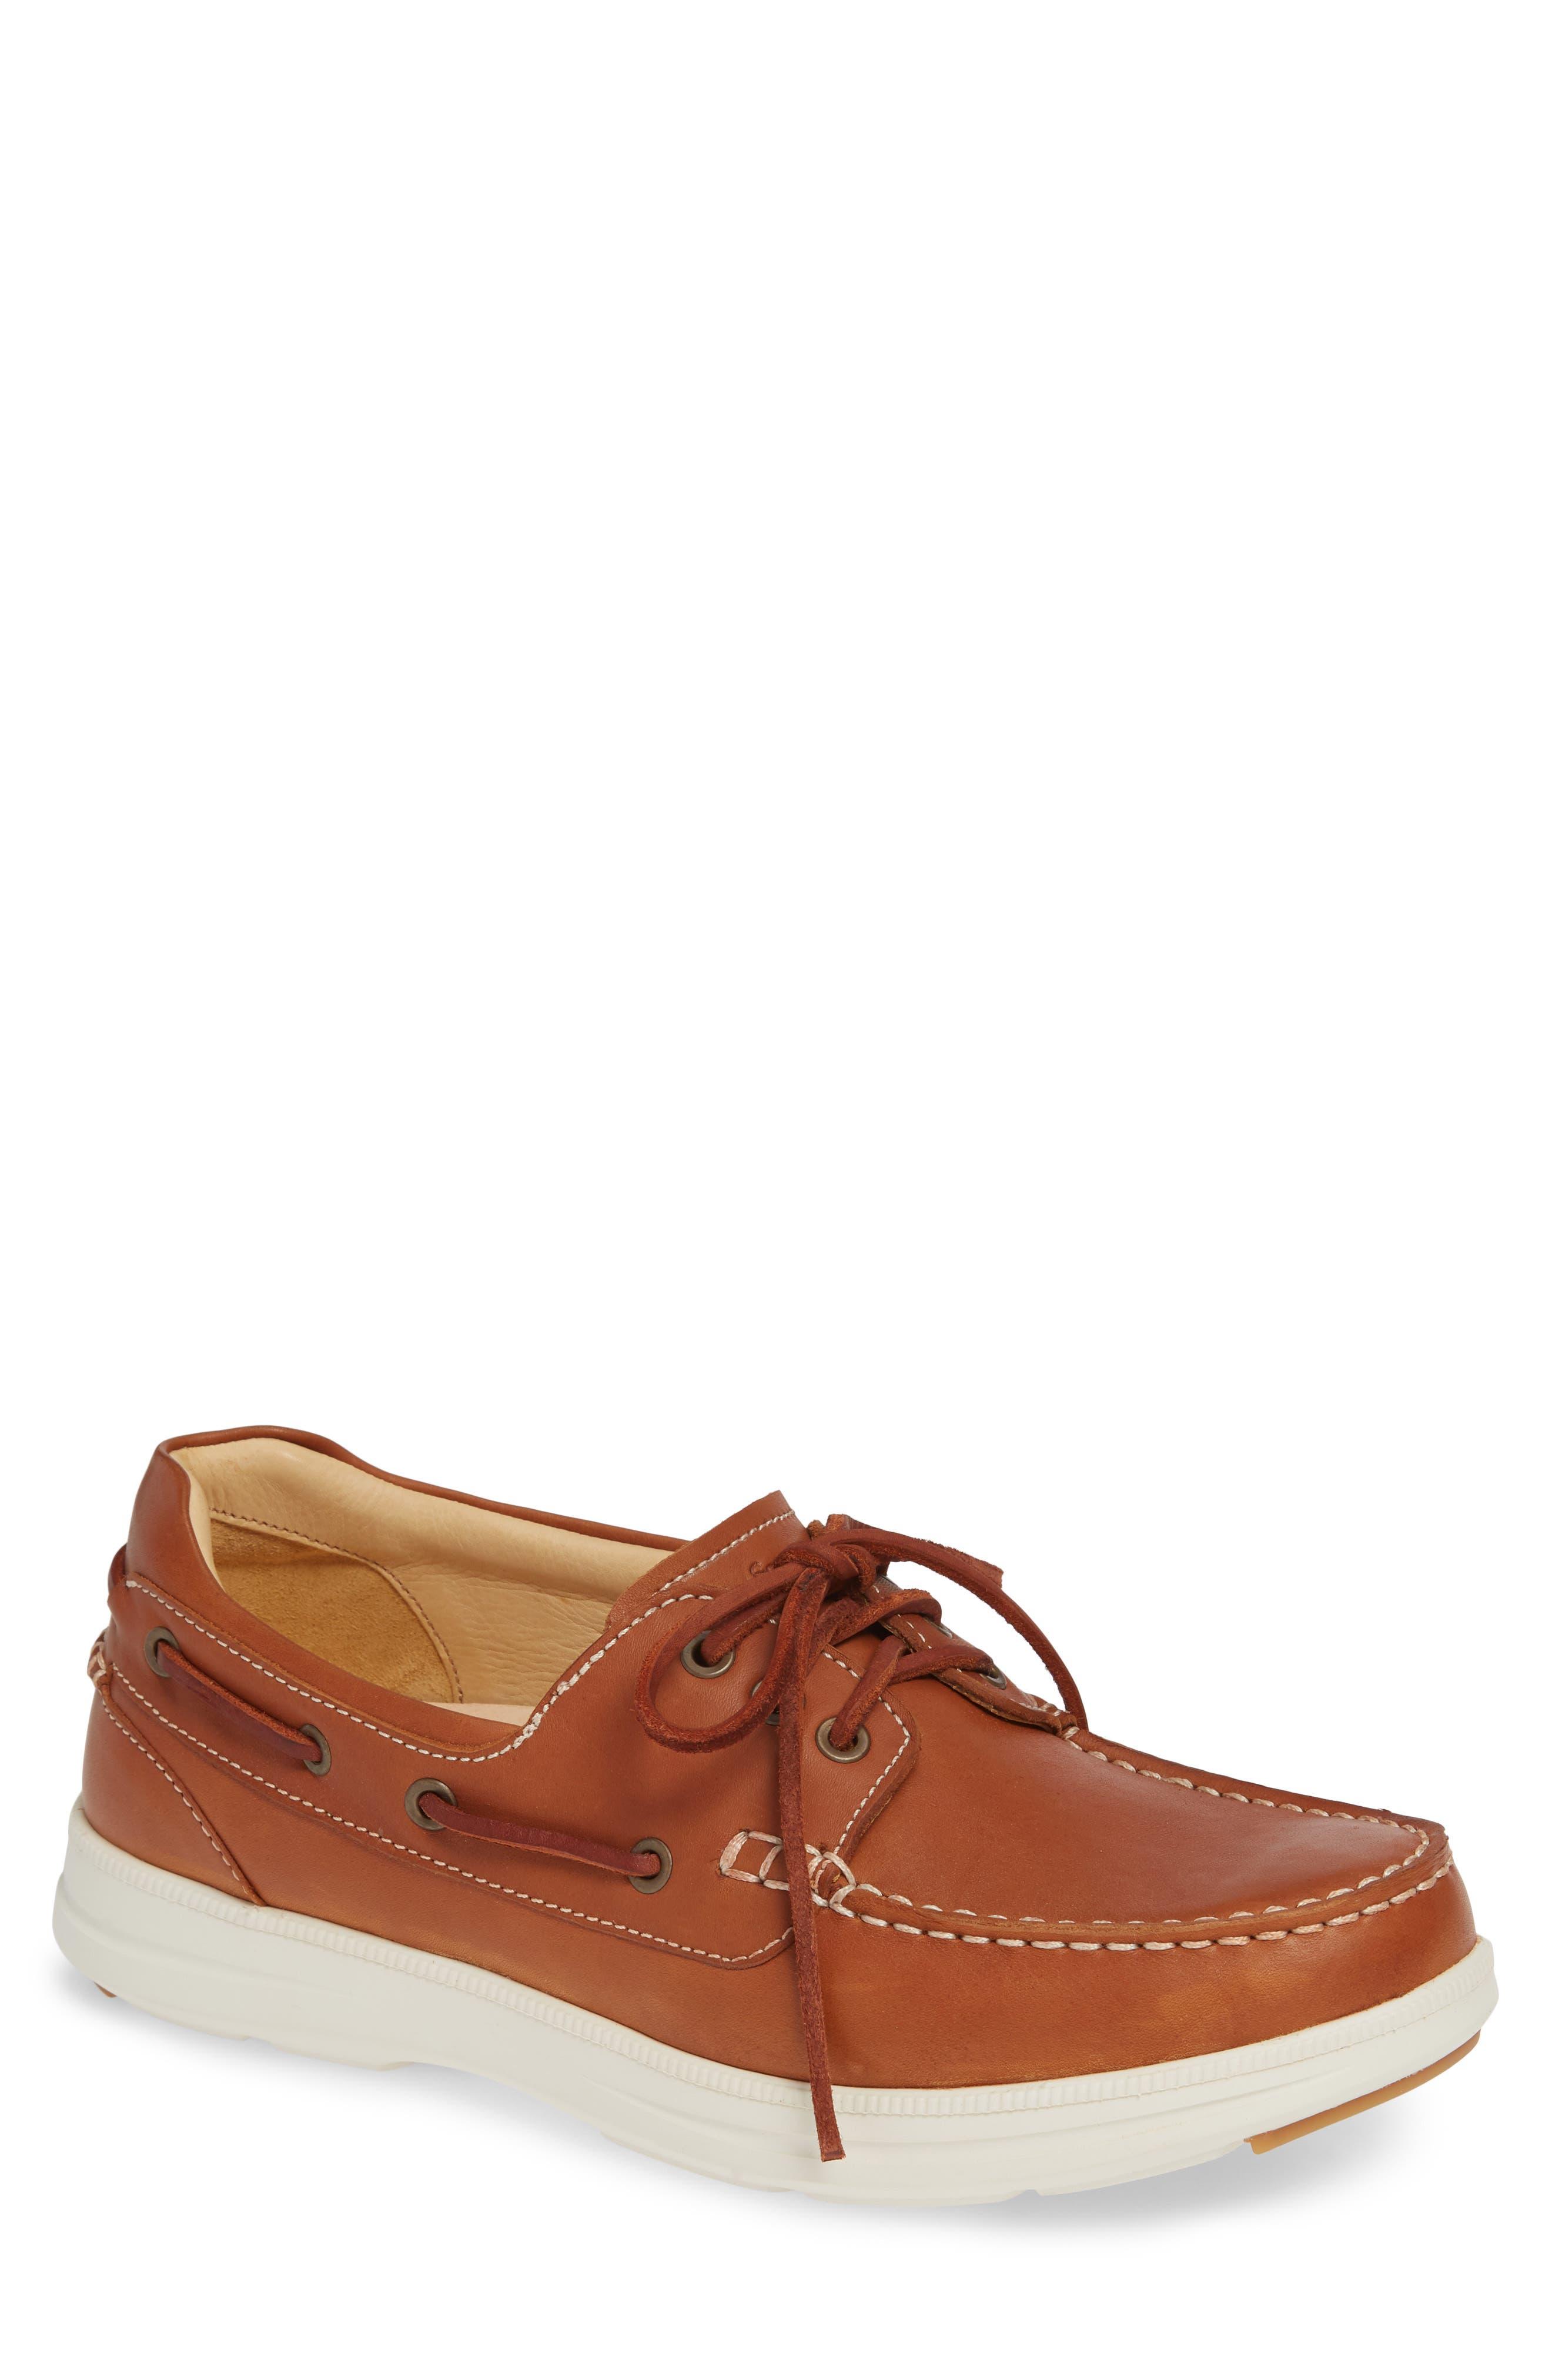 New Endeavor Moc Toe Boat Shoe,                         Main,                         color, TAN WAXED NUBUCK